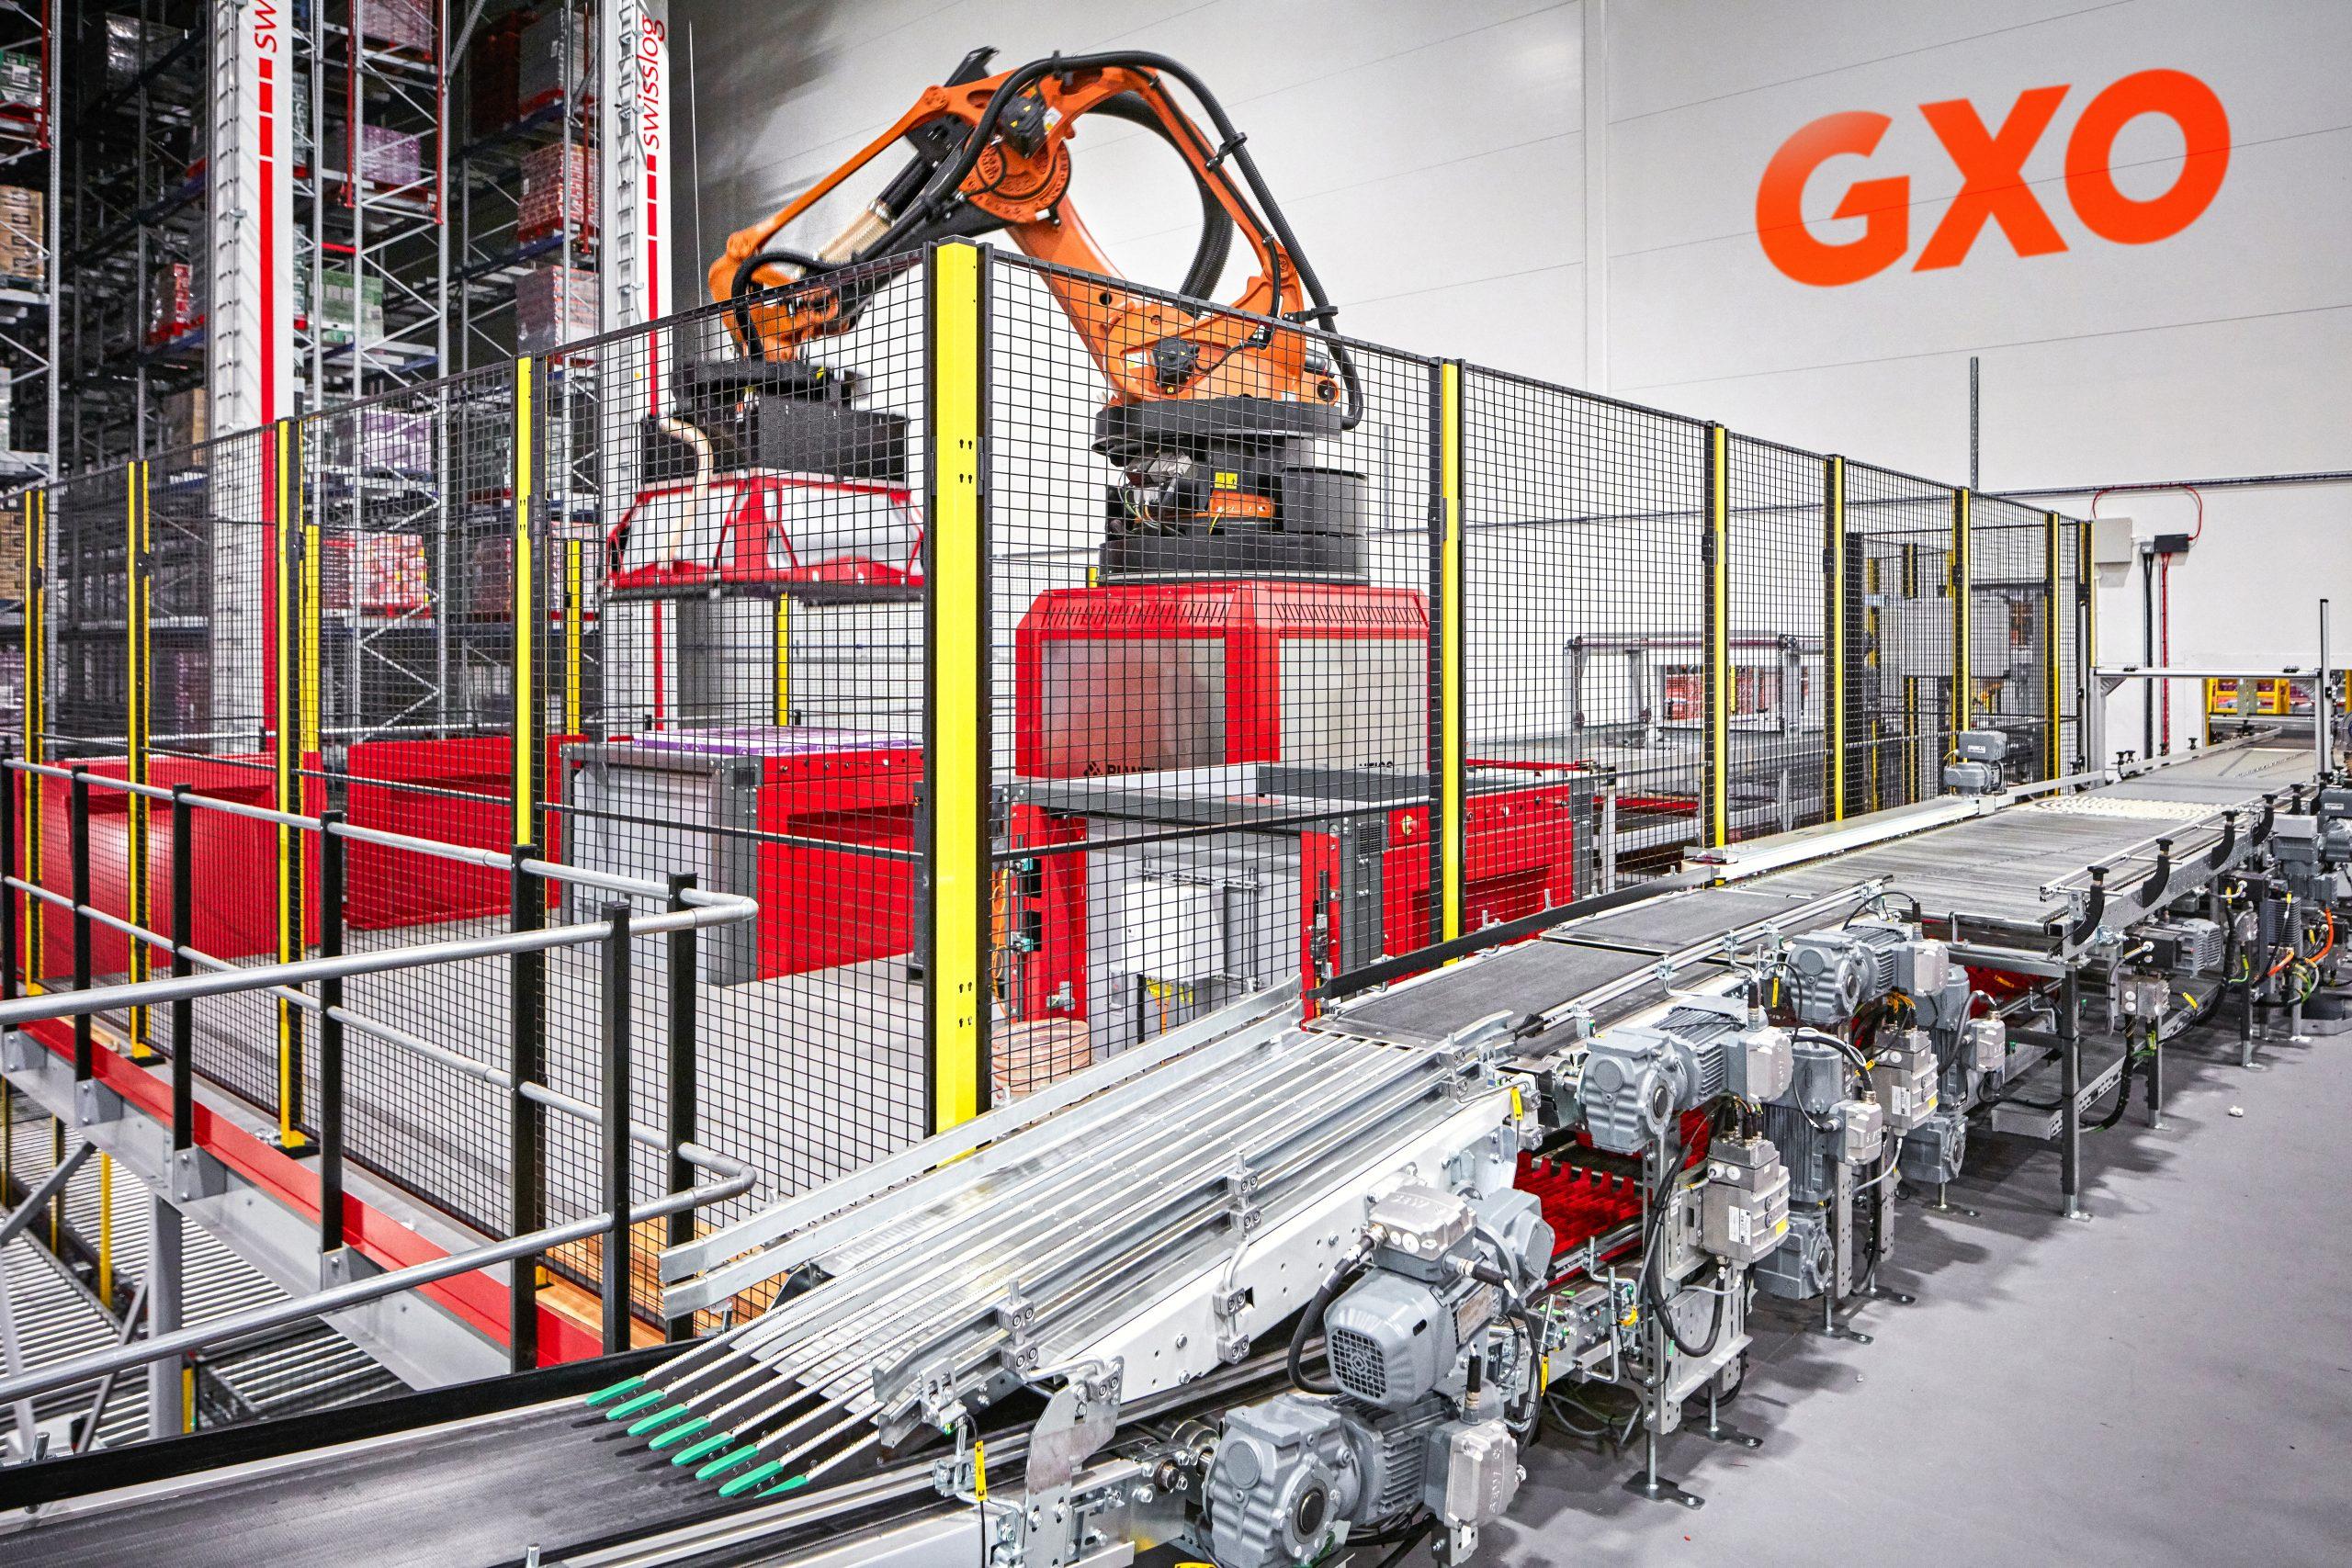 GXO robot arm and conveyor